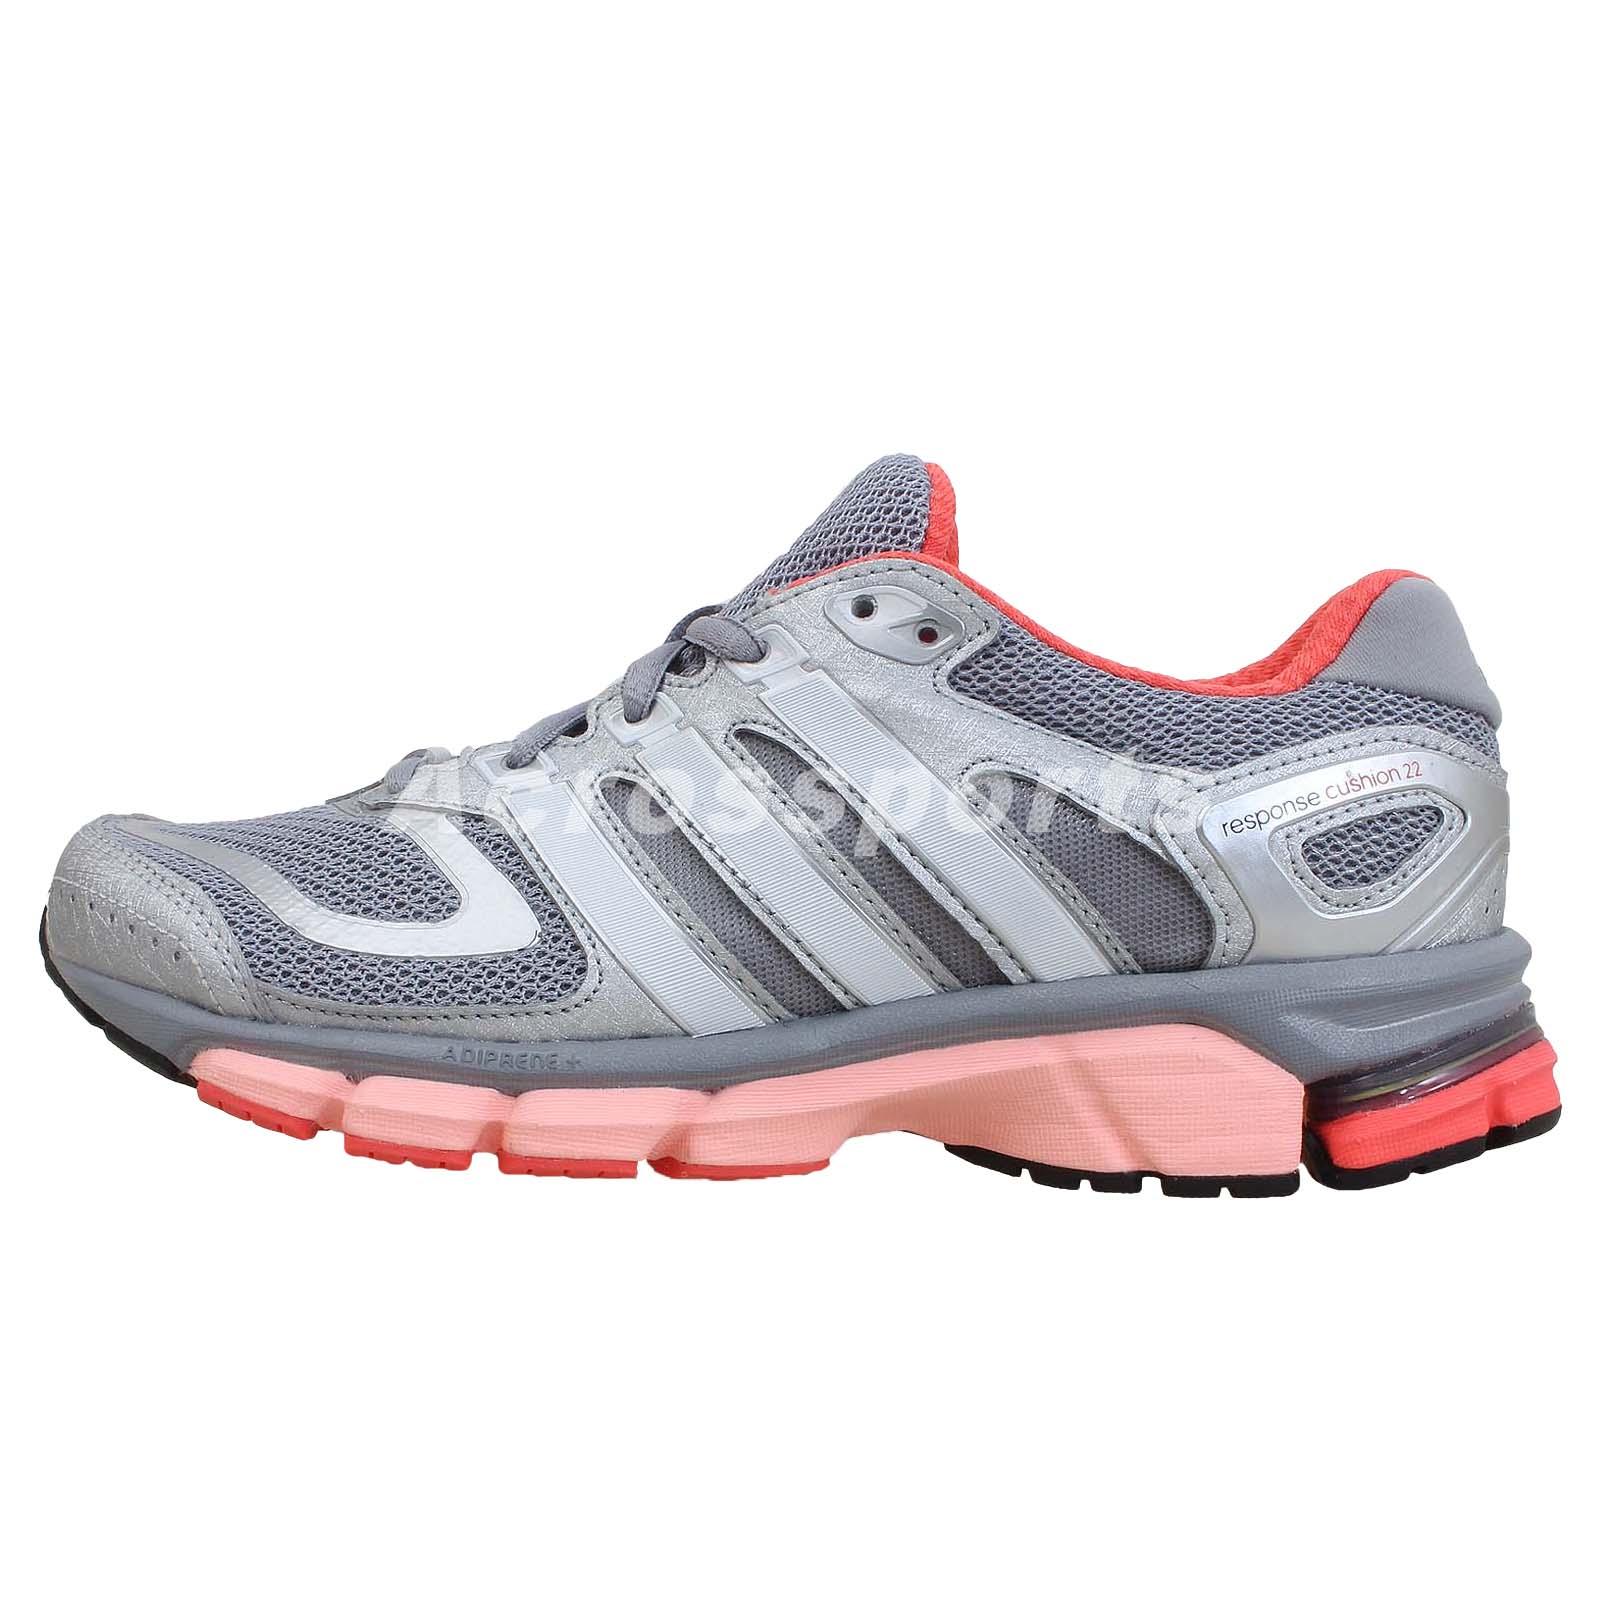 adidas response cushion 22 w grey silver 2014 womens